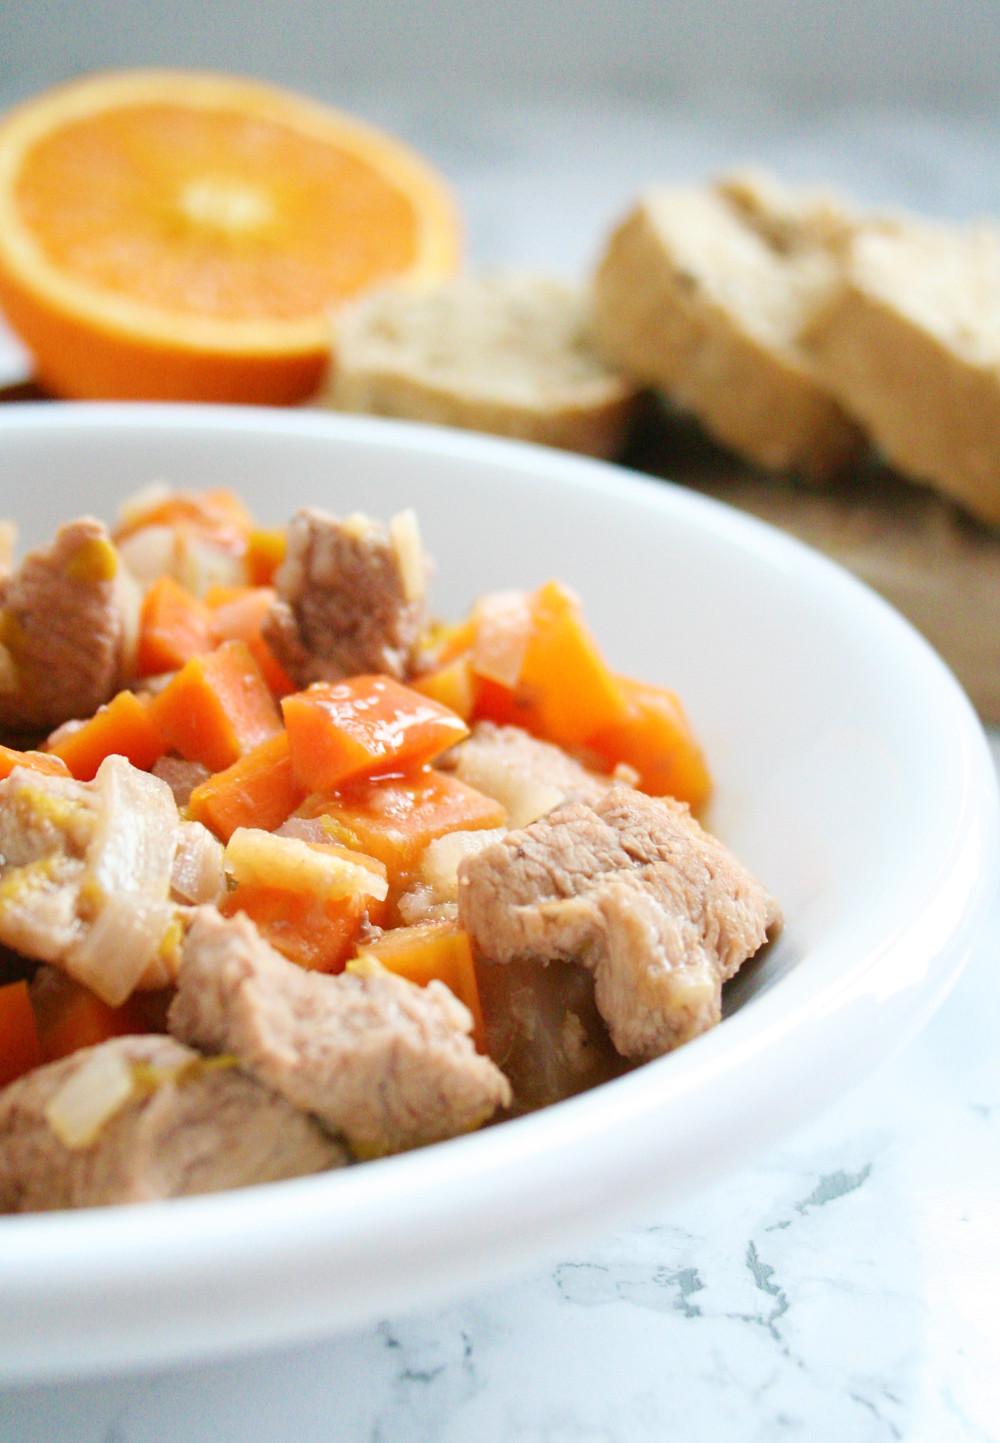 Verantwoord snoepen: Stoofpotje met kalfsvlees, sinaasappel, wortel en port